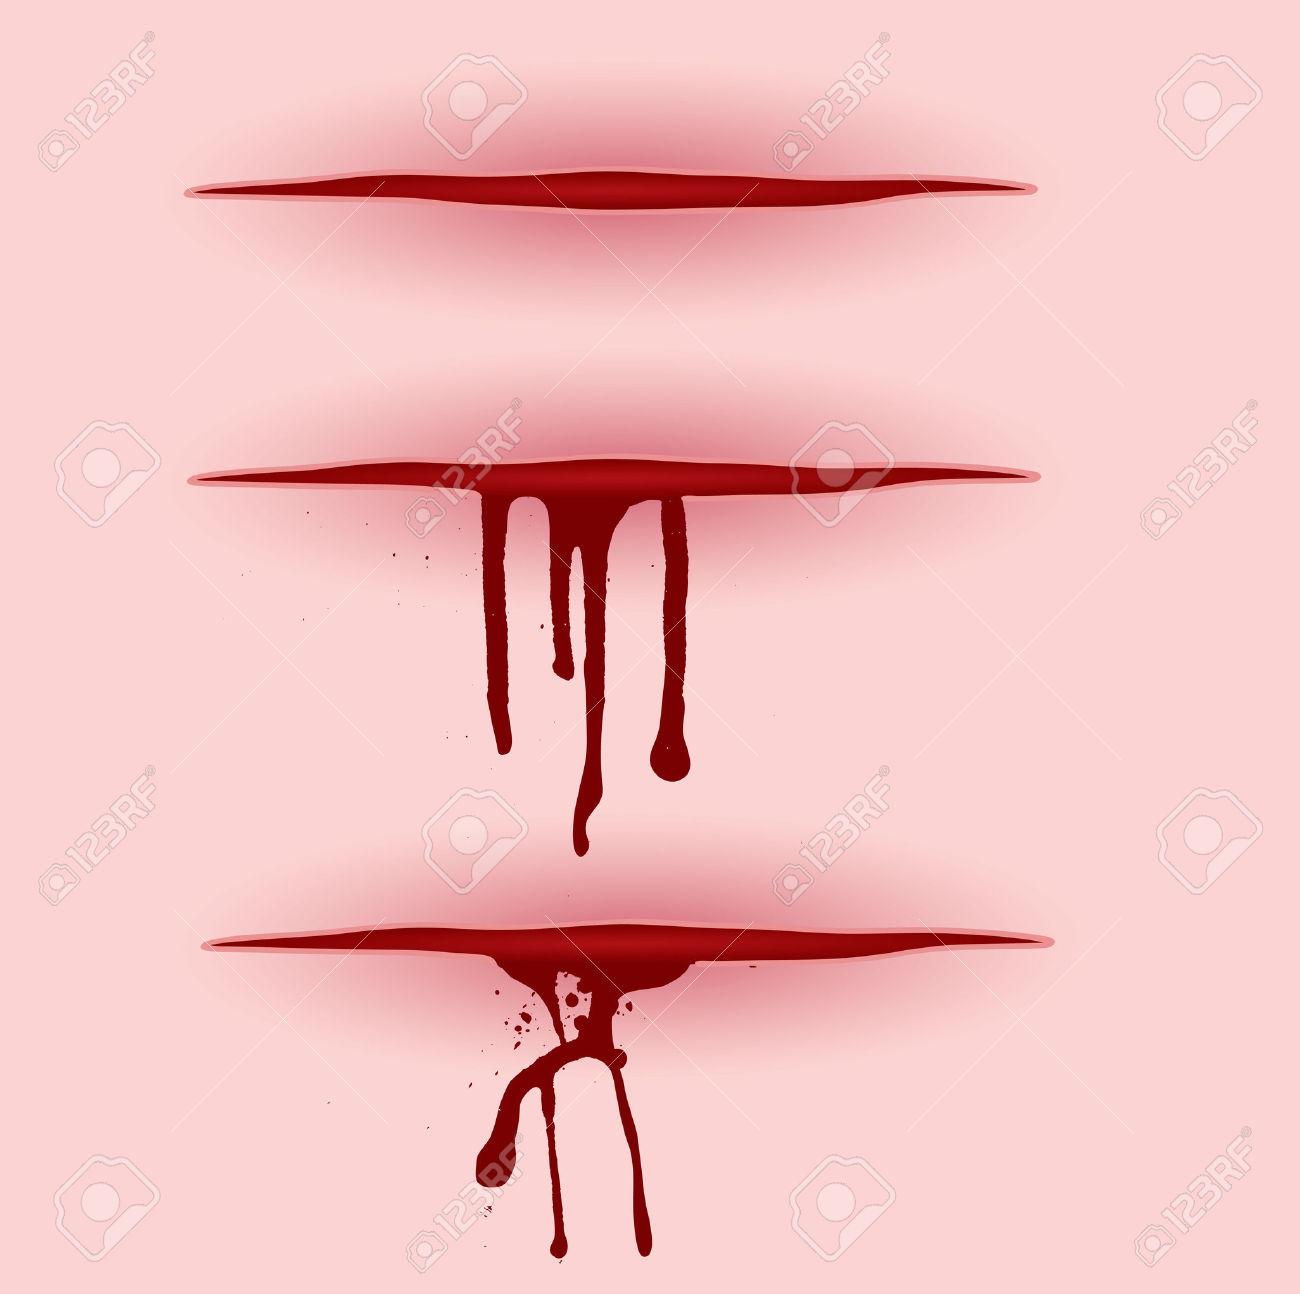 how to stop bleeding finger deep cut